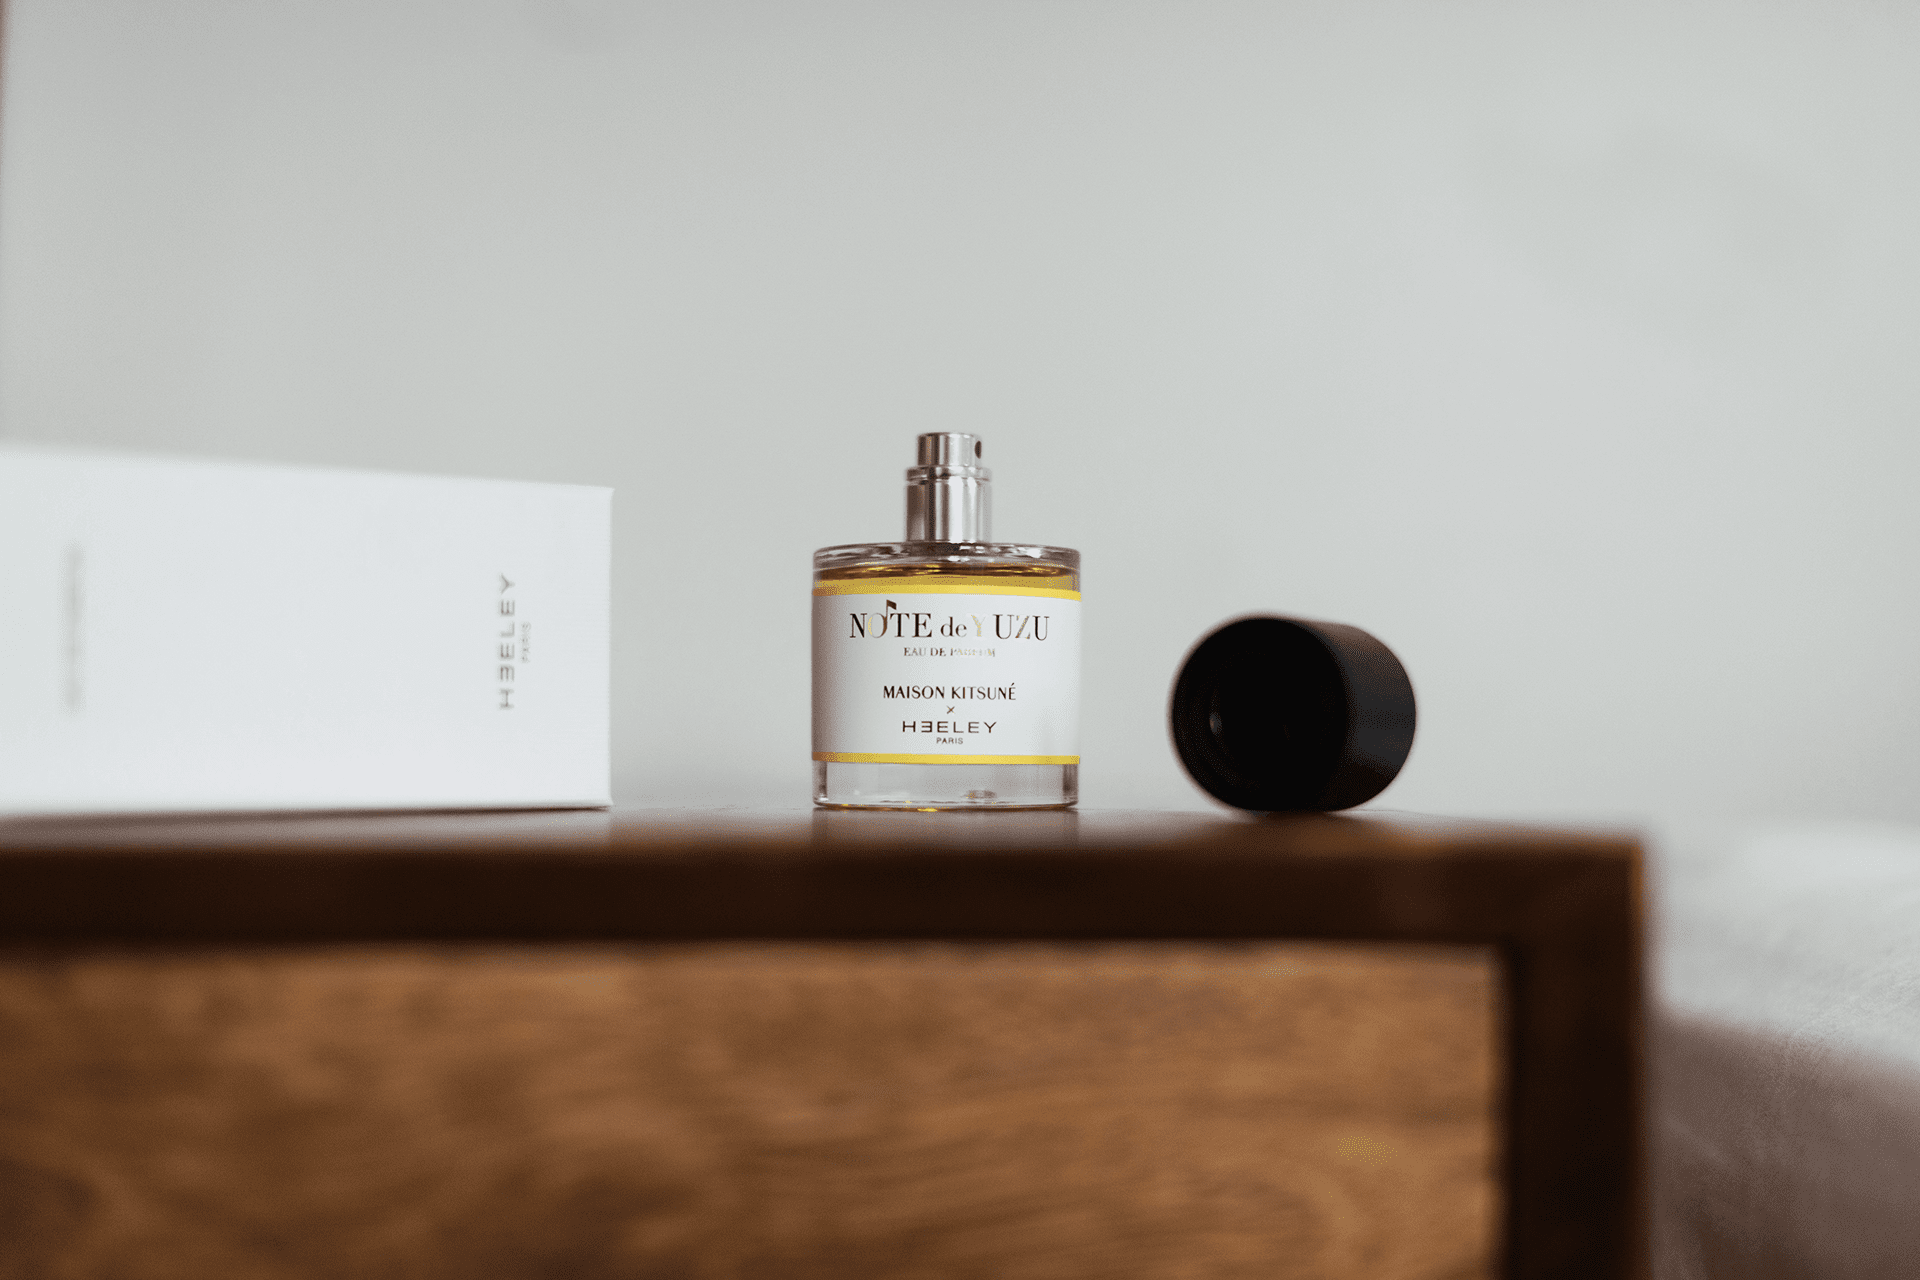 note de yuzu eau de parfum by maison kitsun and heeley parfums ape to gentleman. Black Bedroom Furniture Sets. Home Design Ideas